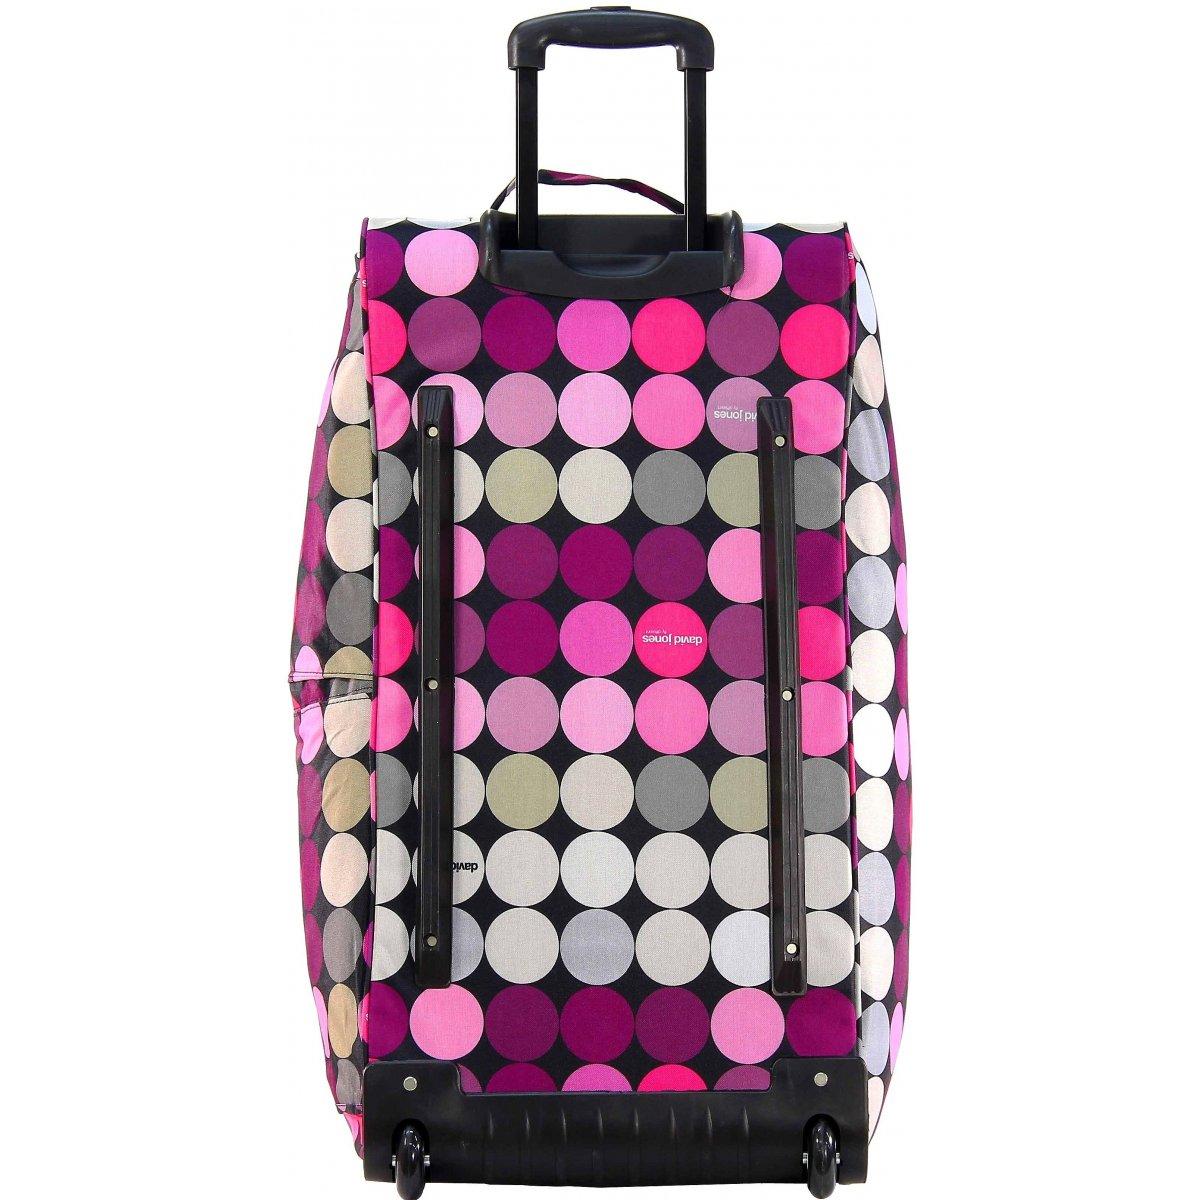 sac de voyage roulettes david jones b10001l couleur principale ronds promotion. Black Bedroom Furniture Sets. Home Design Ideas